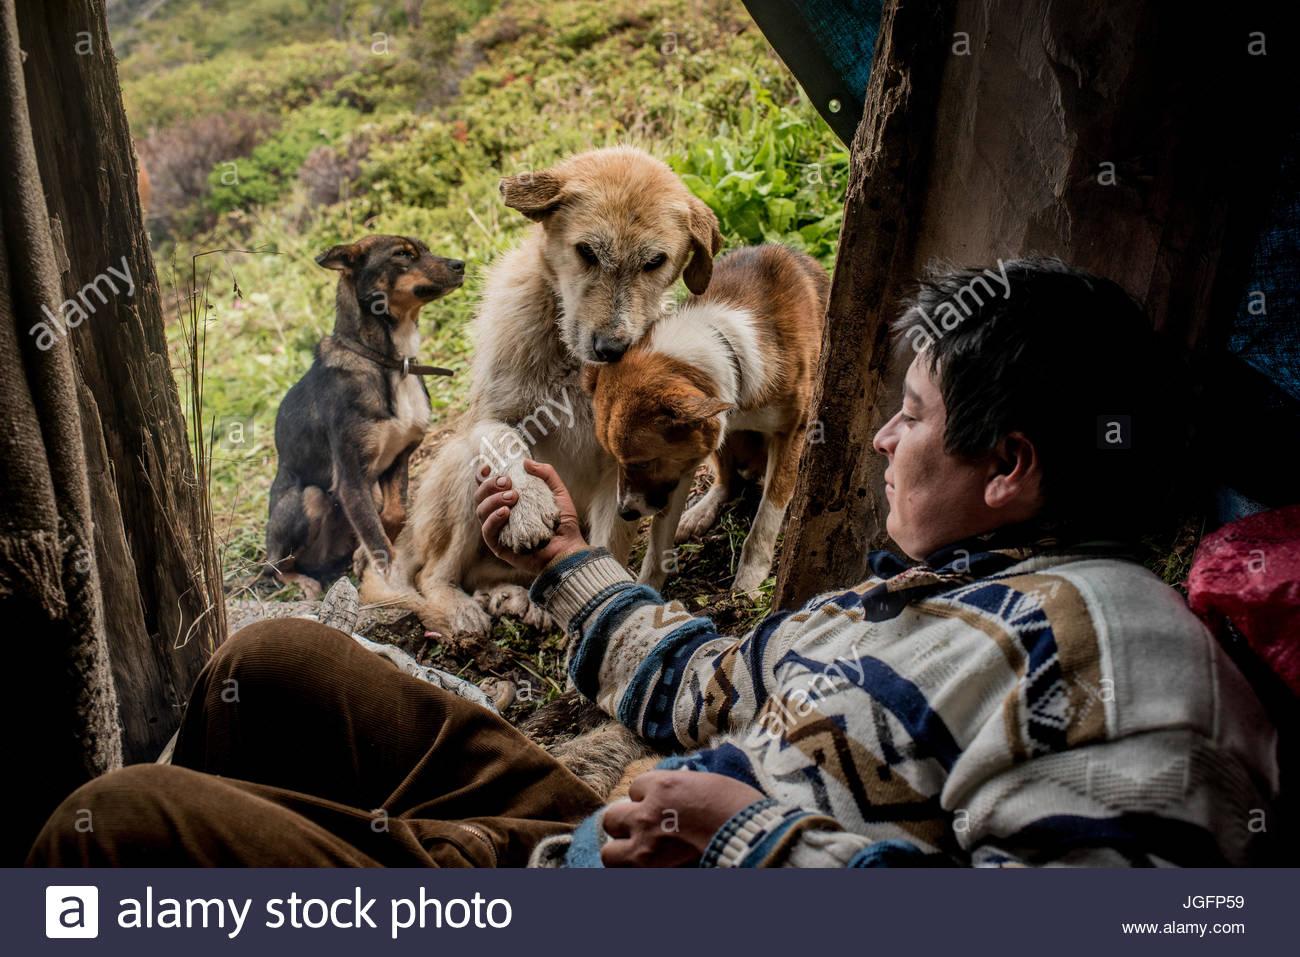 Un bagualero, un cow-boy qui capture le bétail sauvage, serre la main avec un chien de travail. Banque D'Images